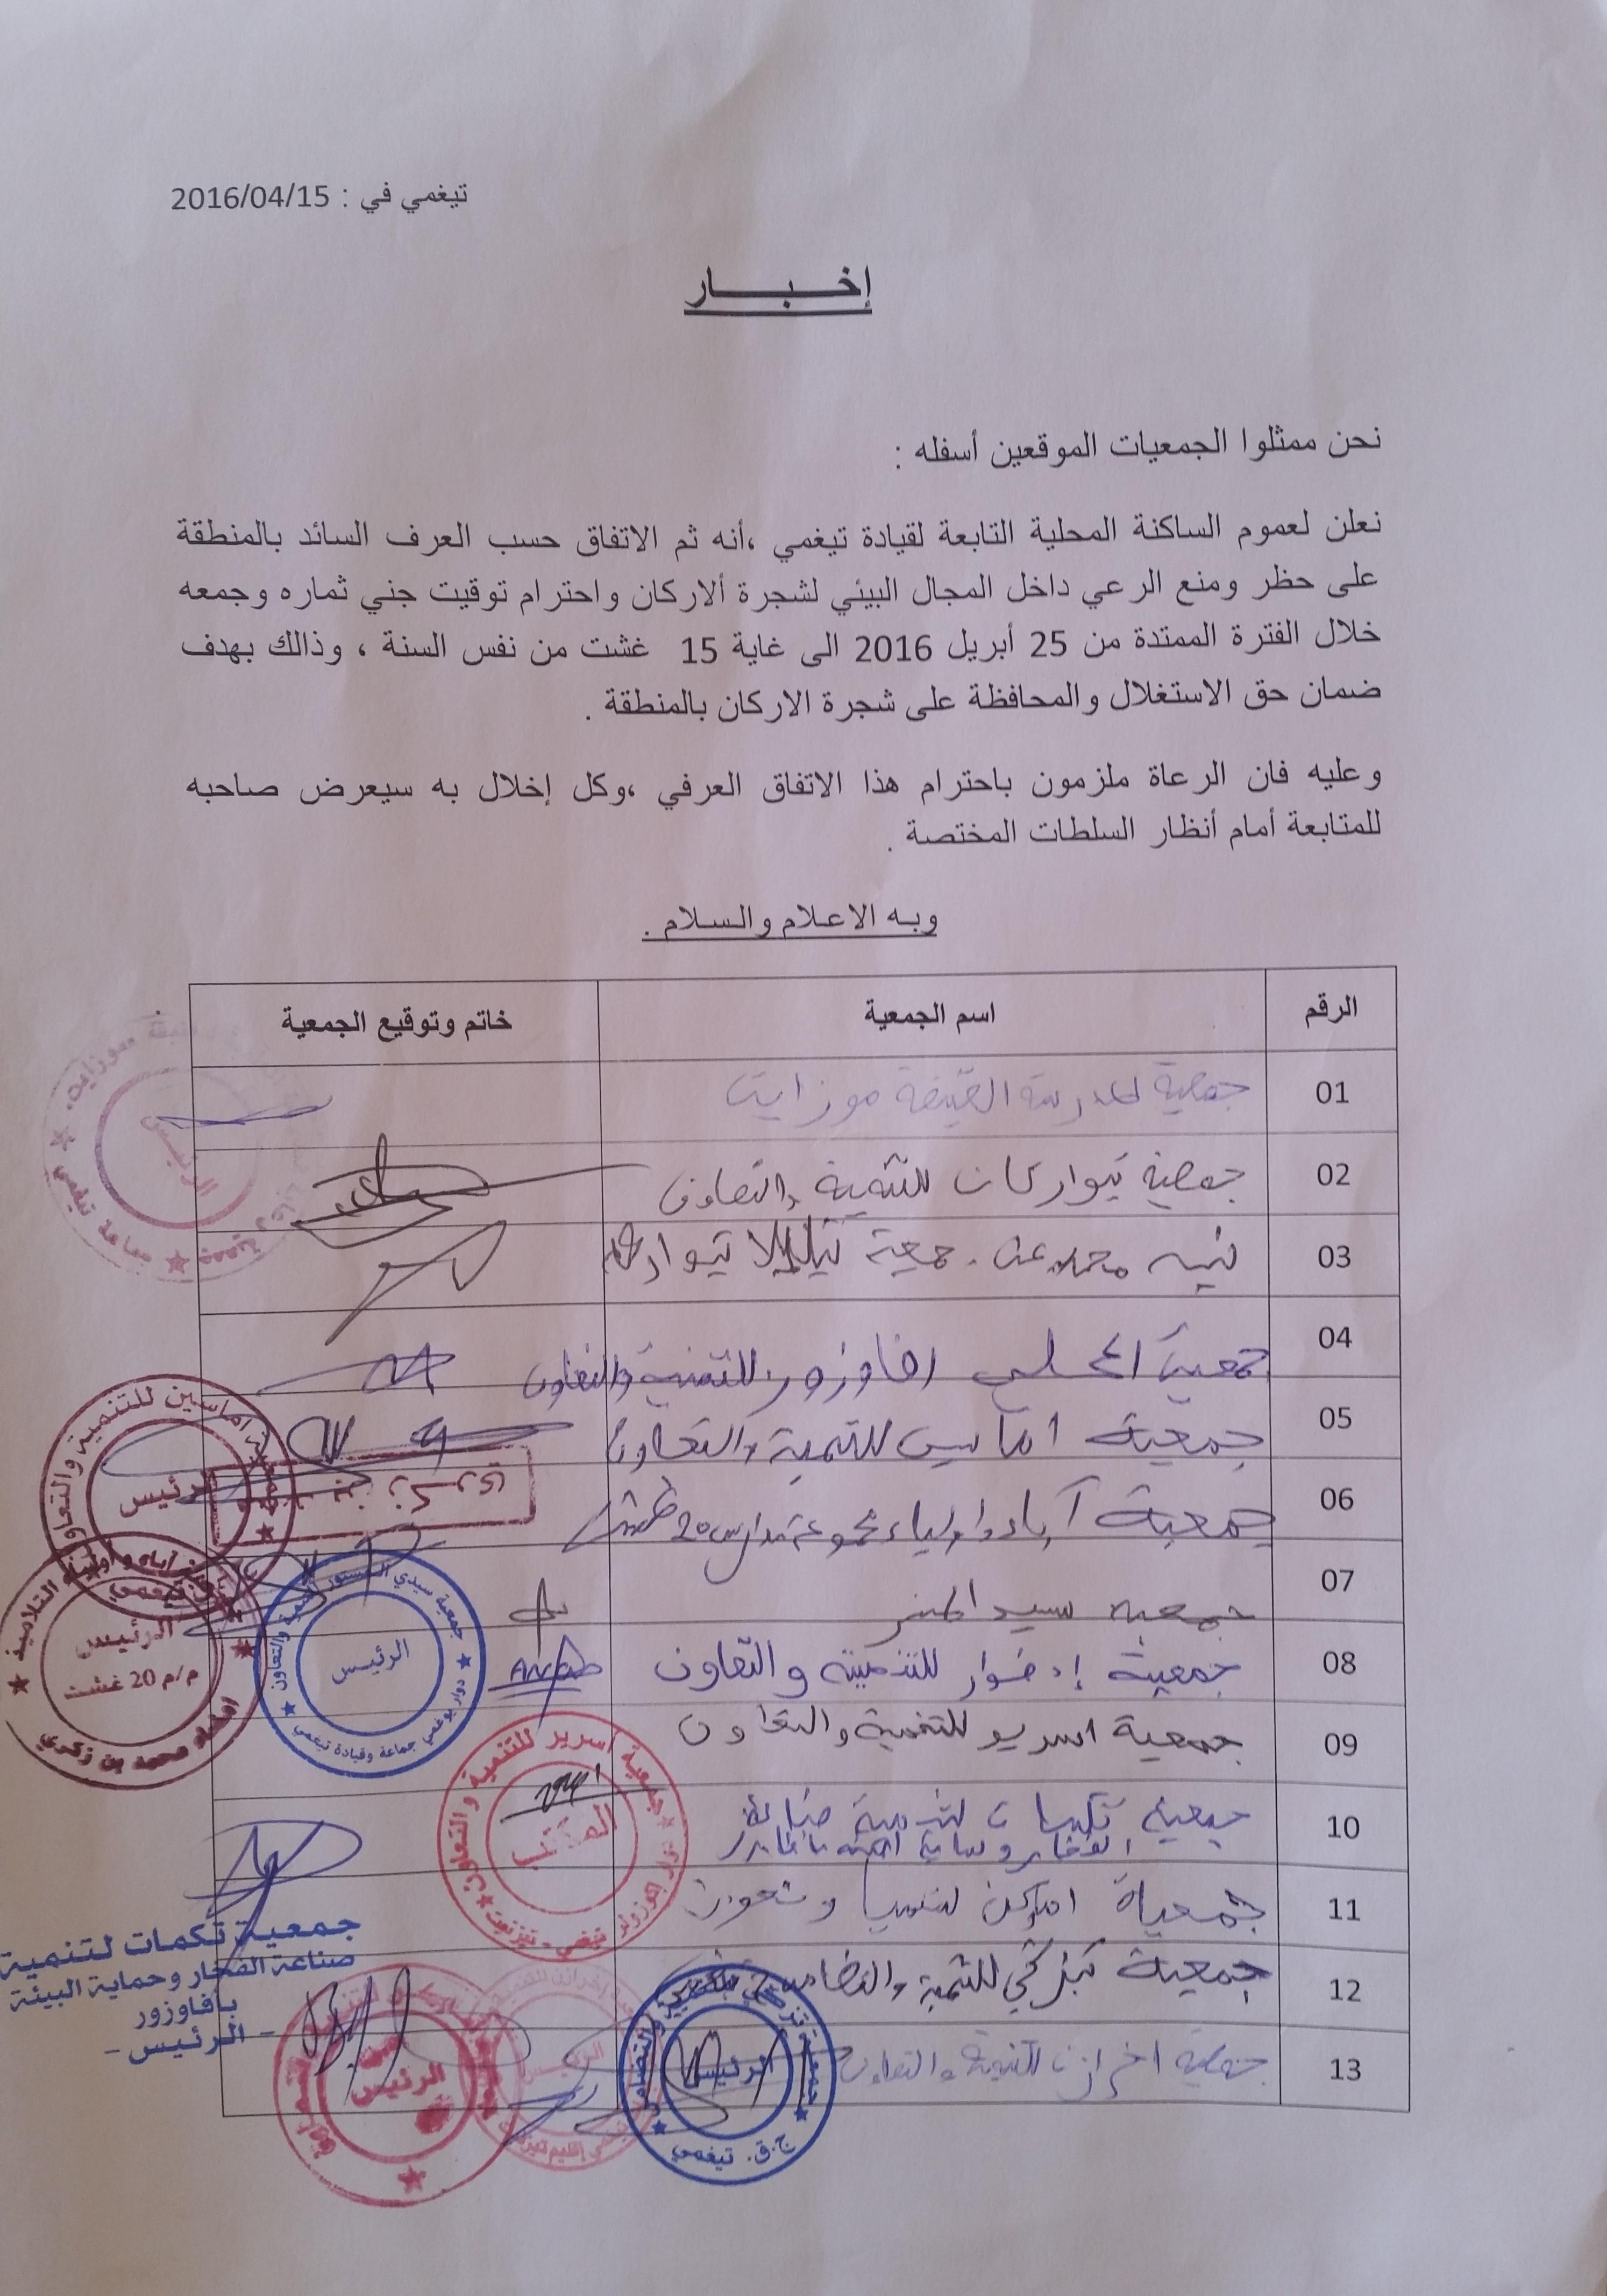 تيغمي : 13 جمعية تعلن منع الرعي بالمجال الغابوي لشجرة الاركان